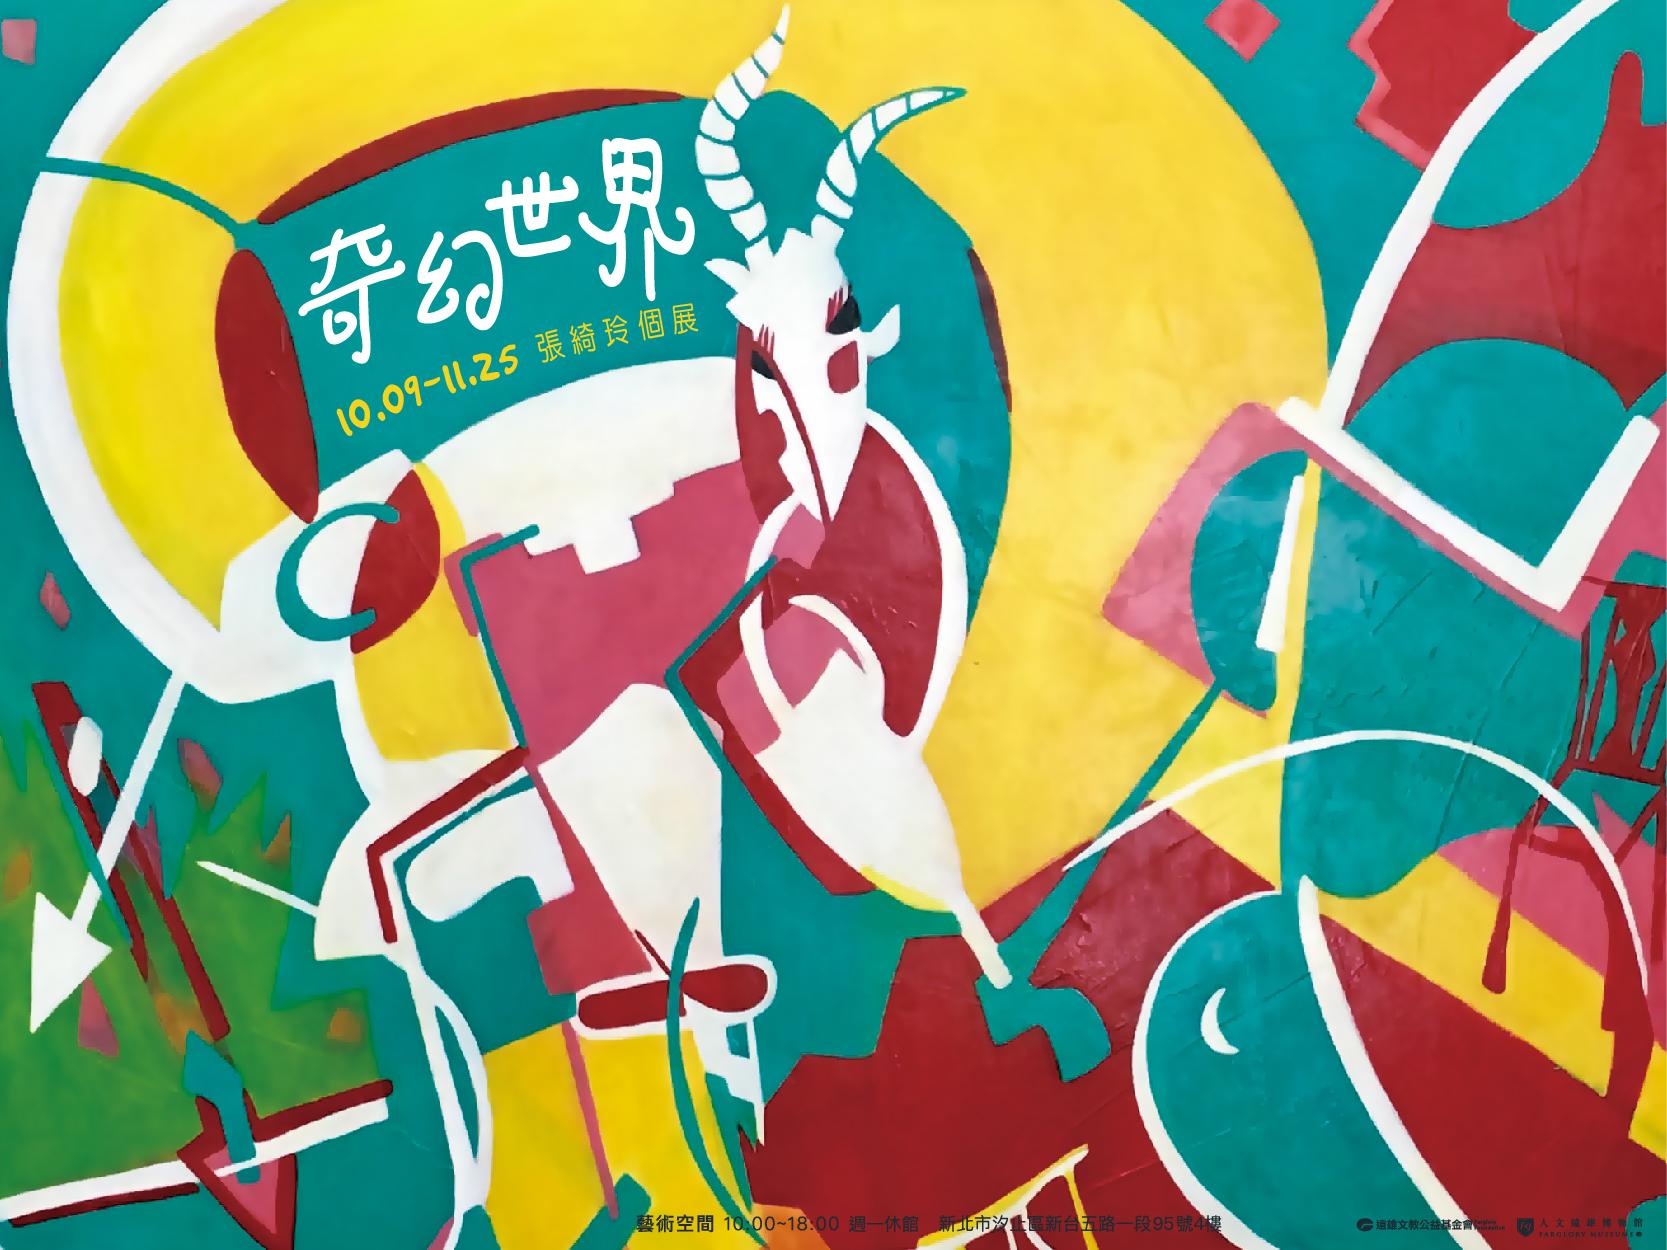 人文遠雄博物館:2018/10/09-2018/11/25【《奇幻世界》張綺玲創作個展】